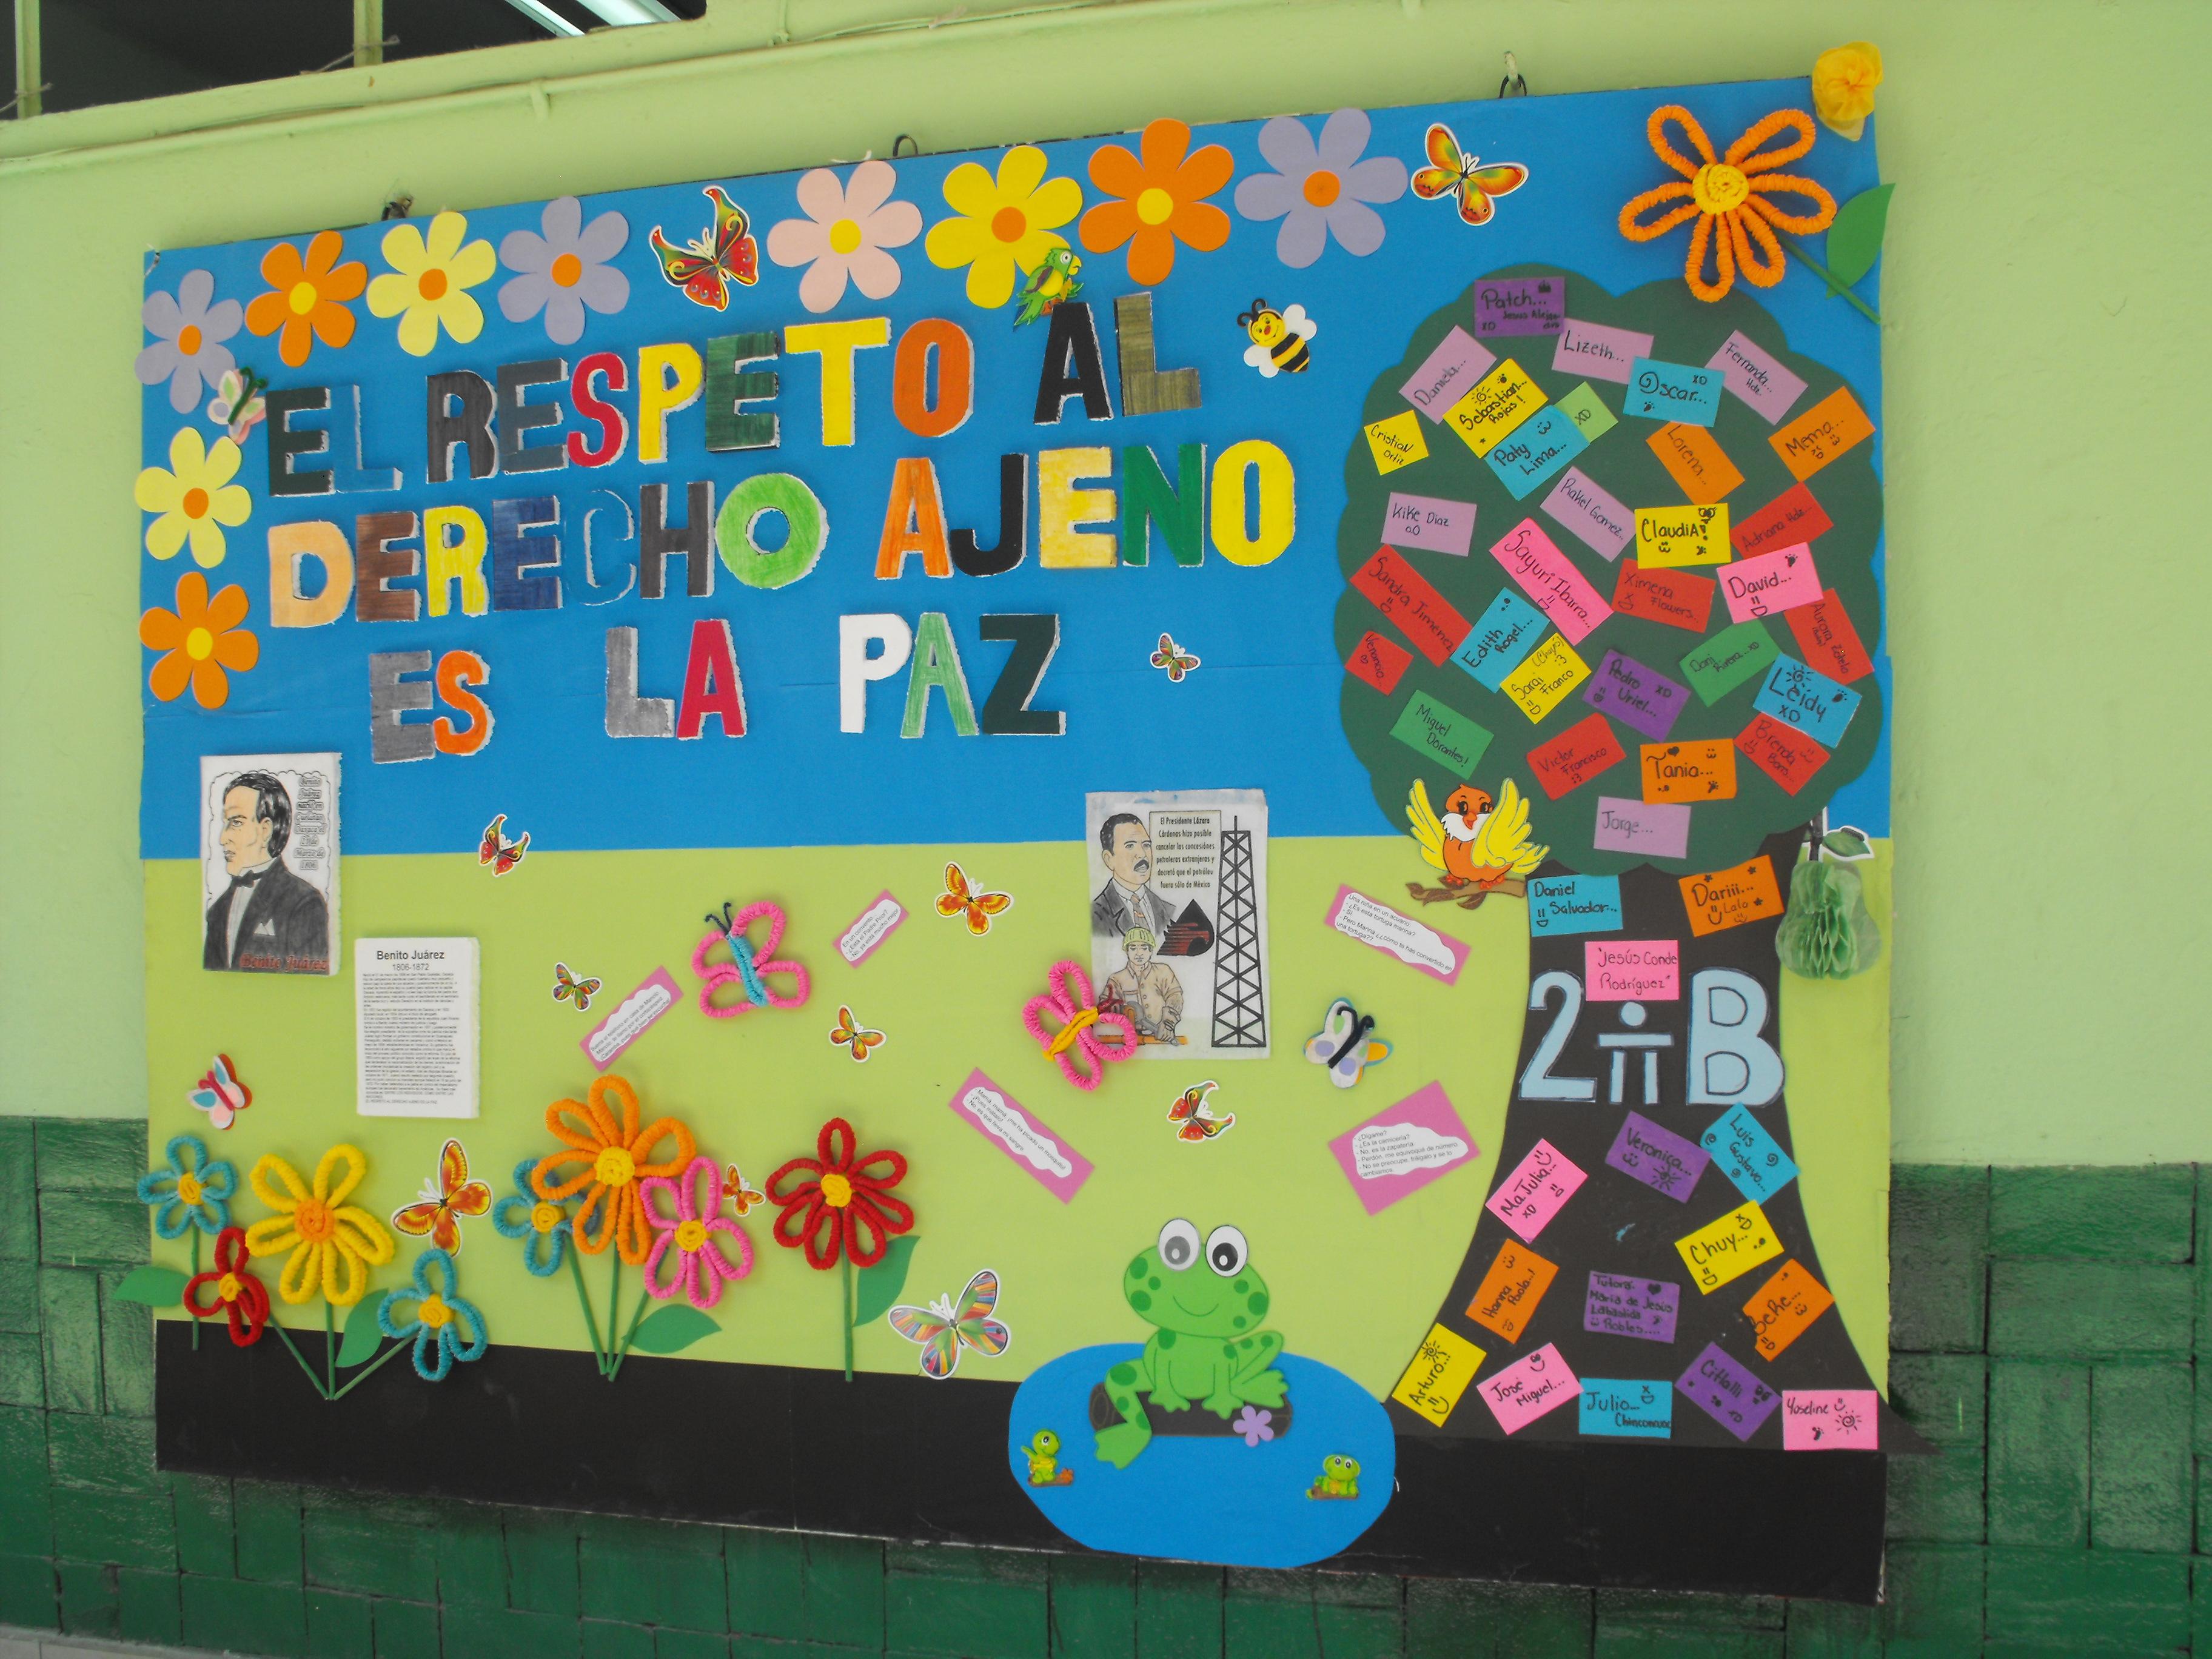 Periodico mural 2 imagenes educativas for Murales faciles y creativos